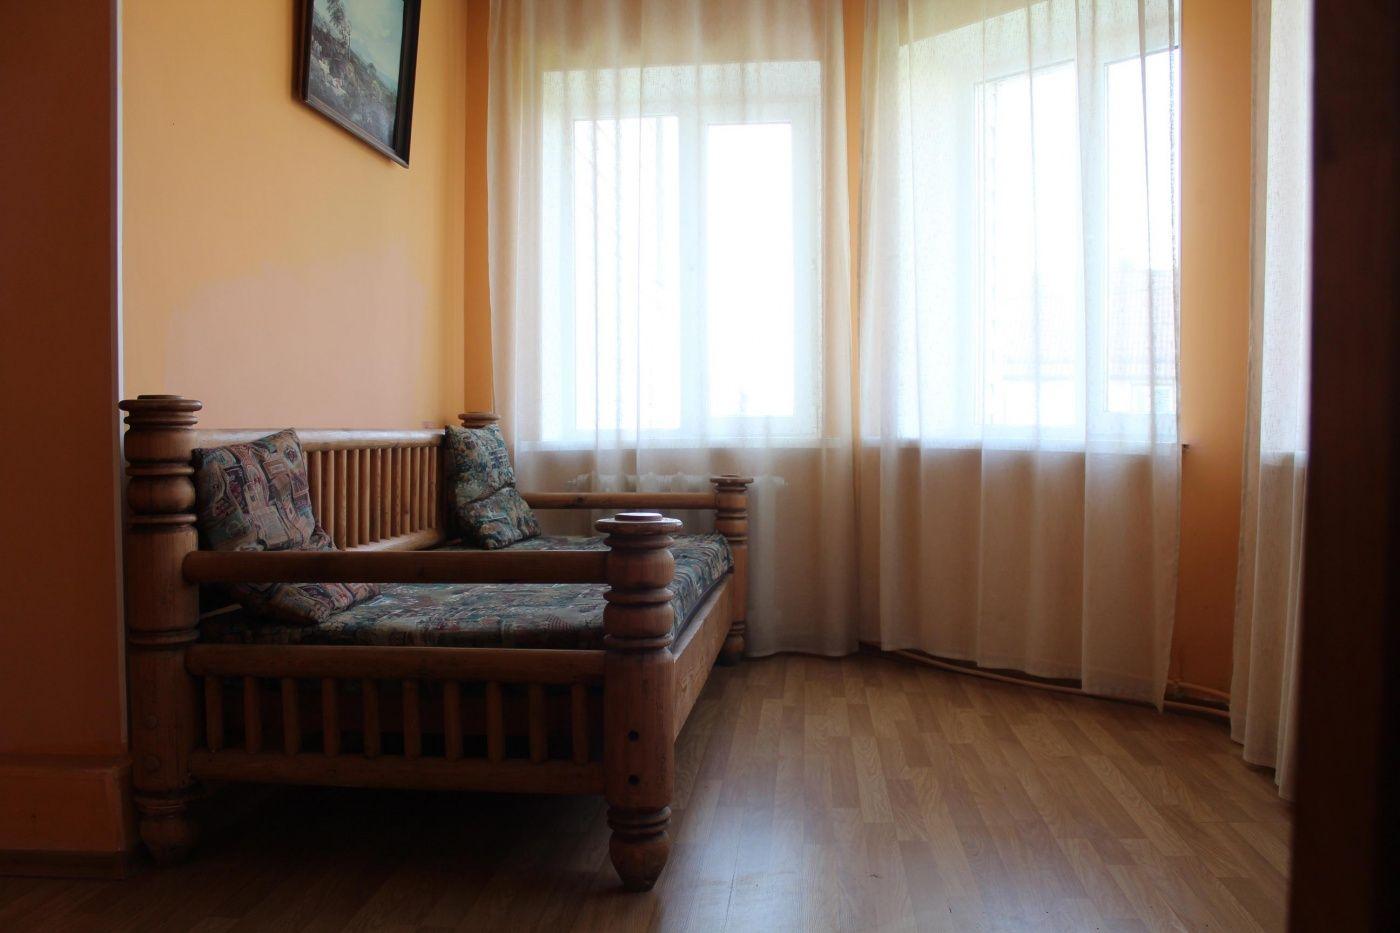 Коттеджный комплекс «Шиболово-Горки» Московская область Коттедж «Восточный» (№ 8), фото 5